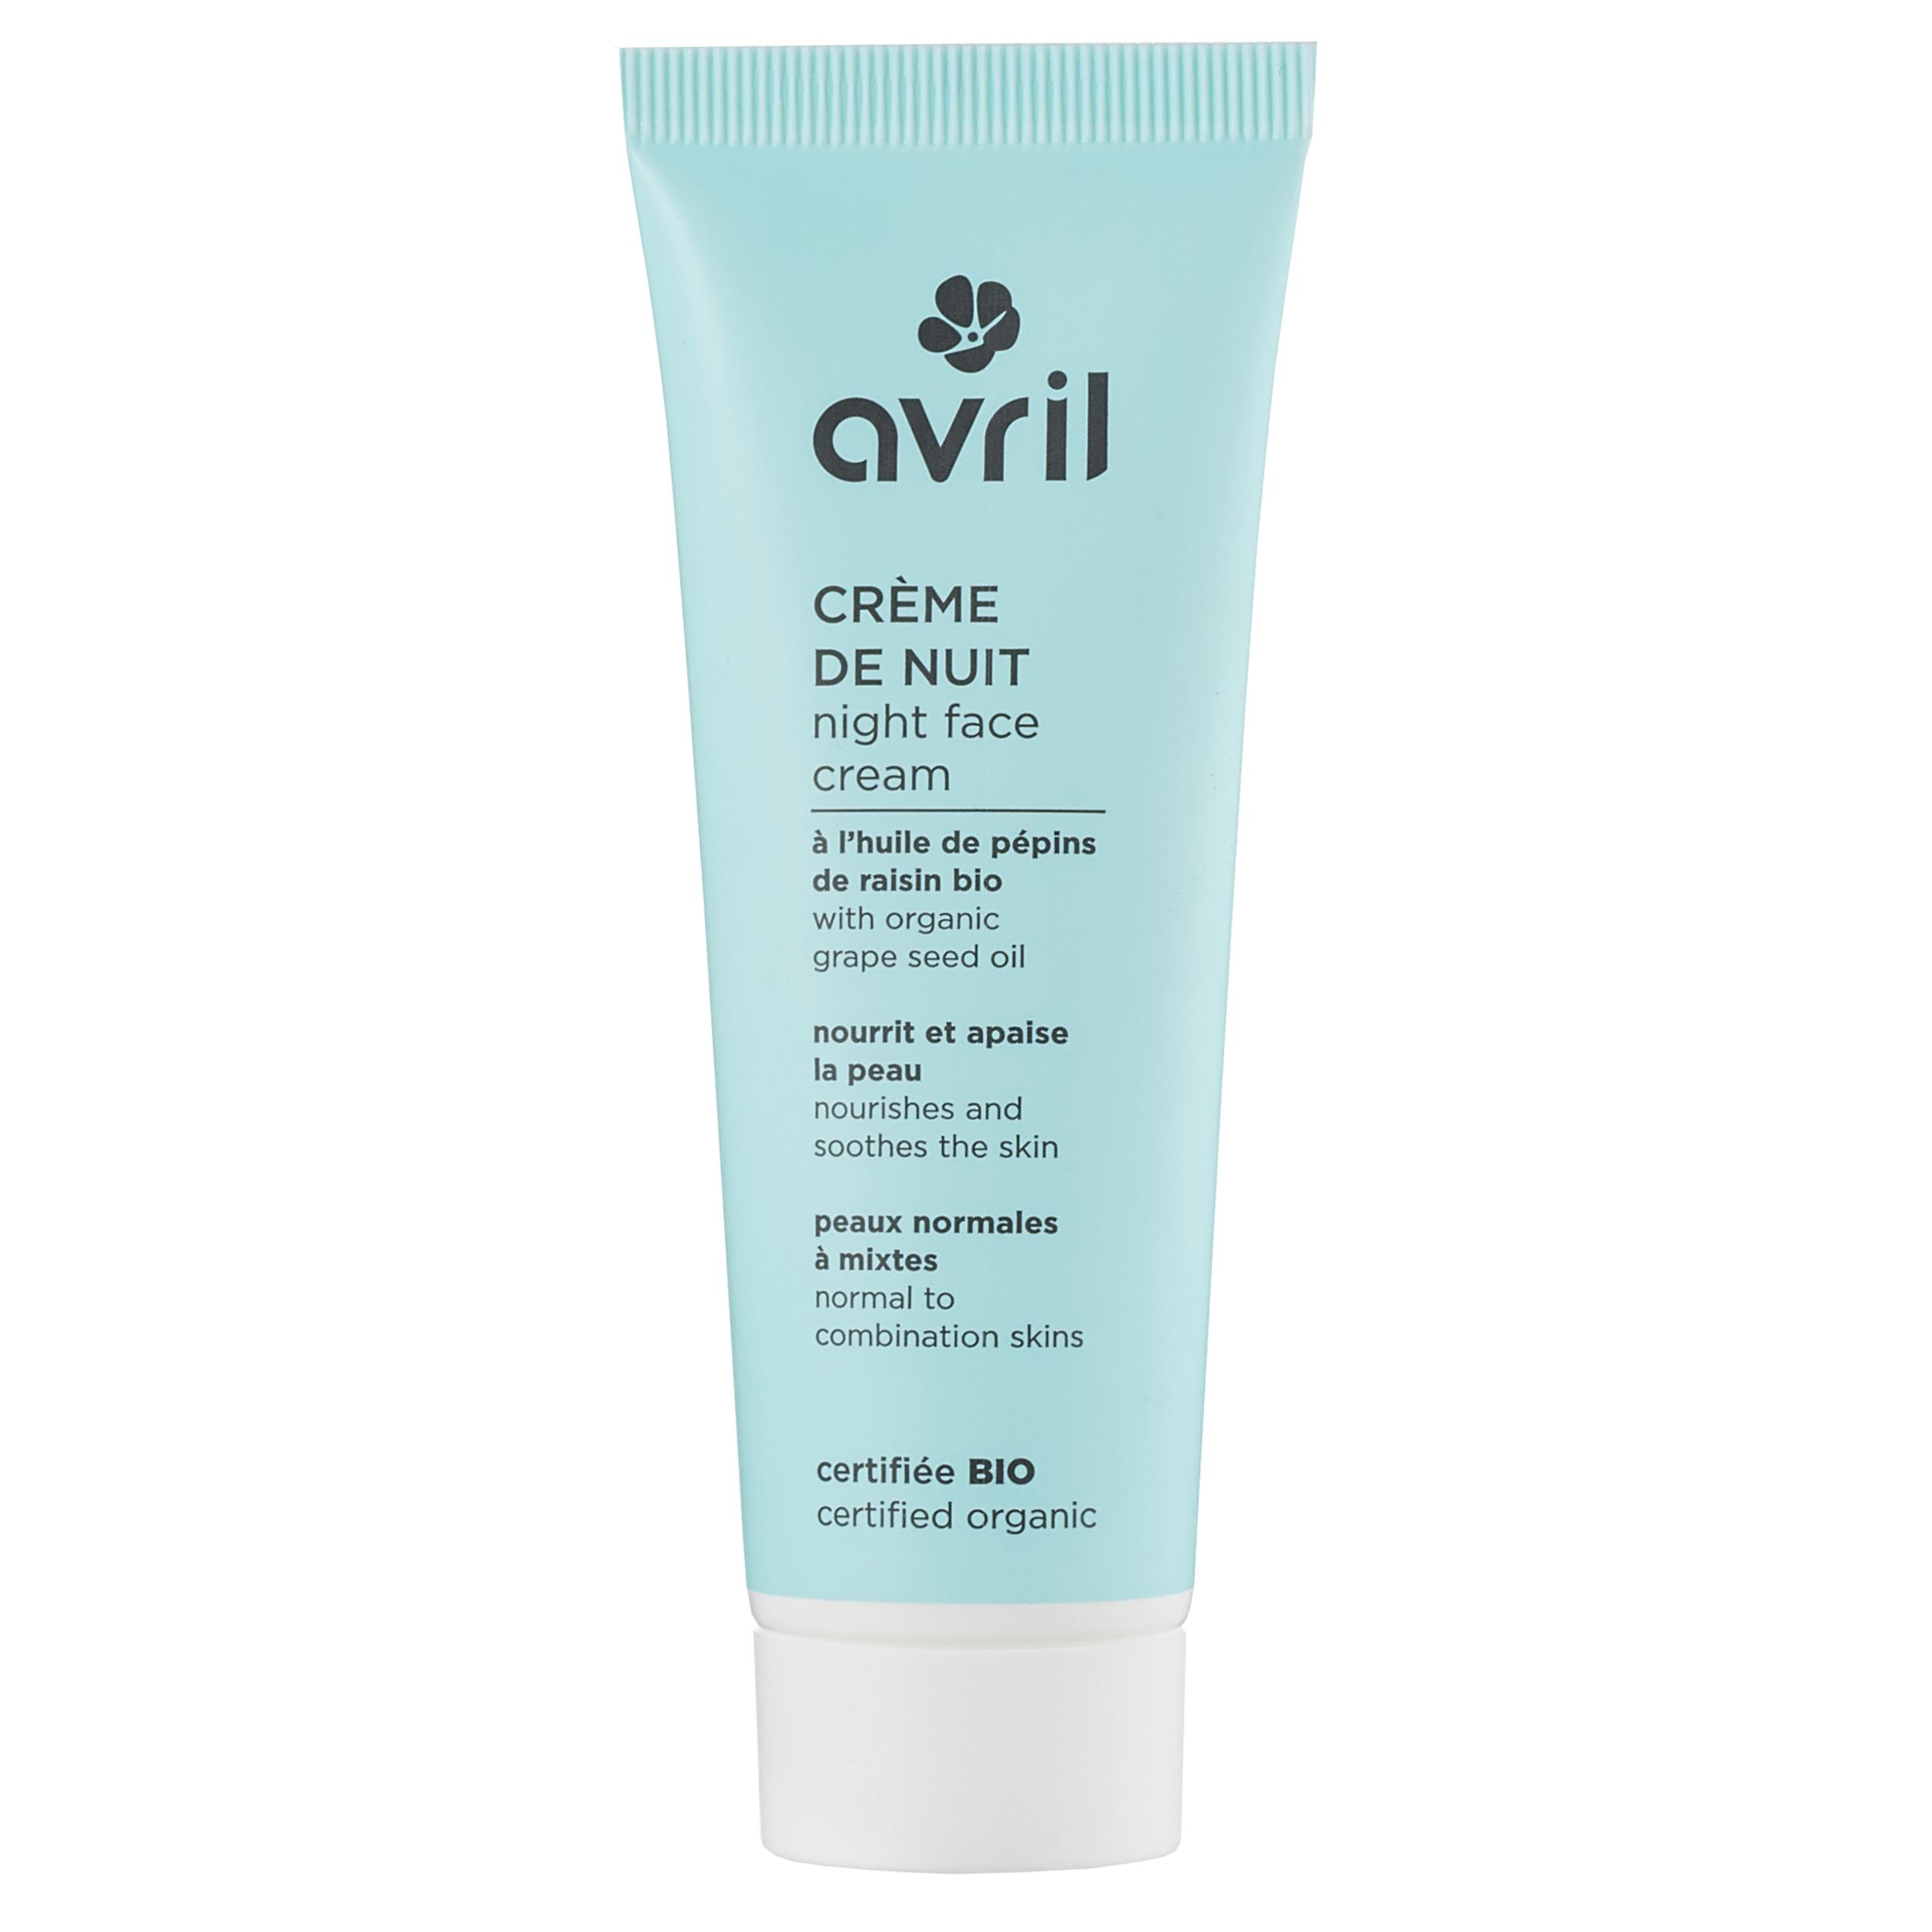 Crème de nuit peaux normales et mixtes - certifiée bio 50 ml